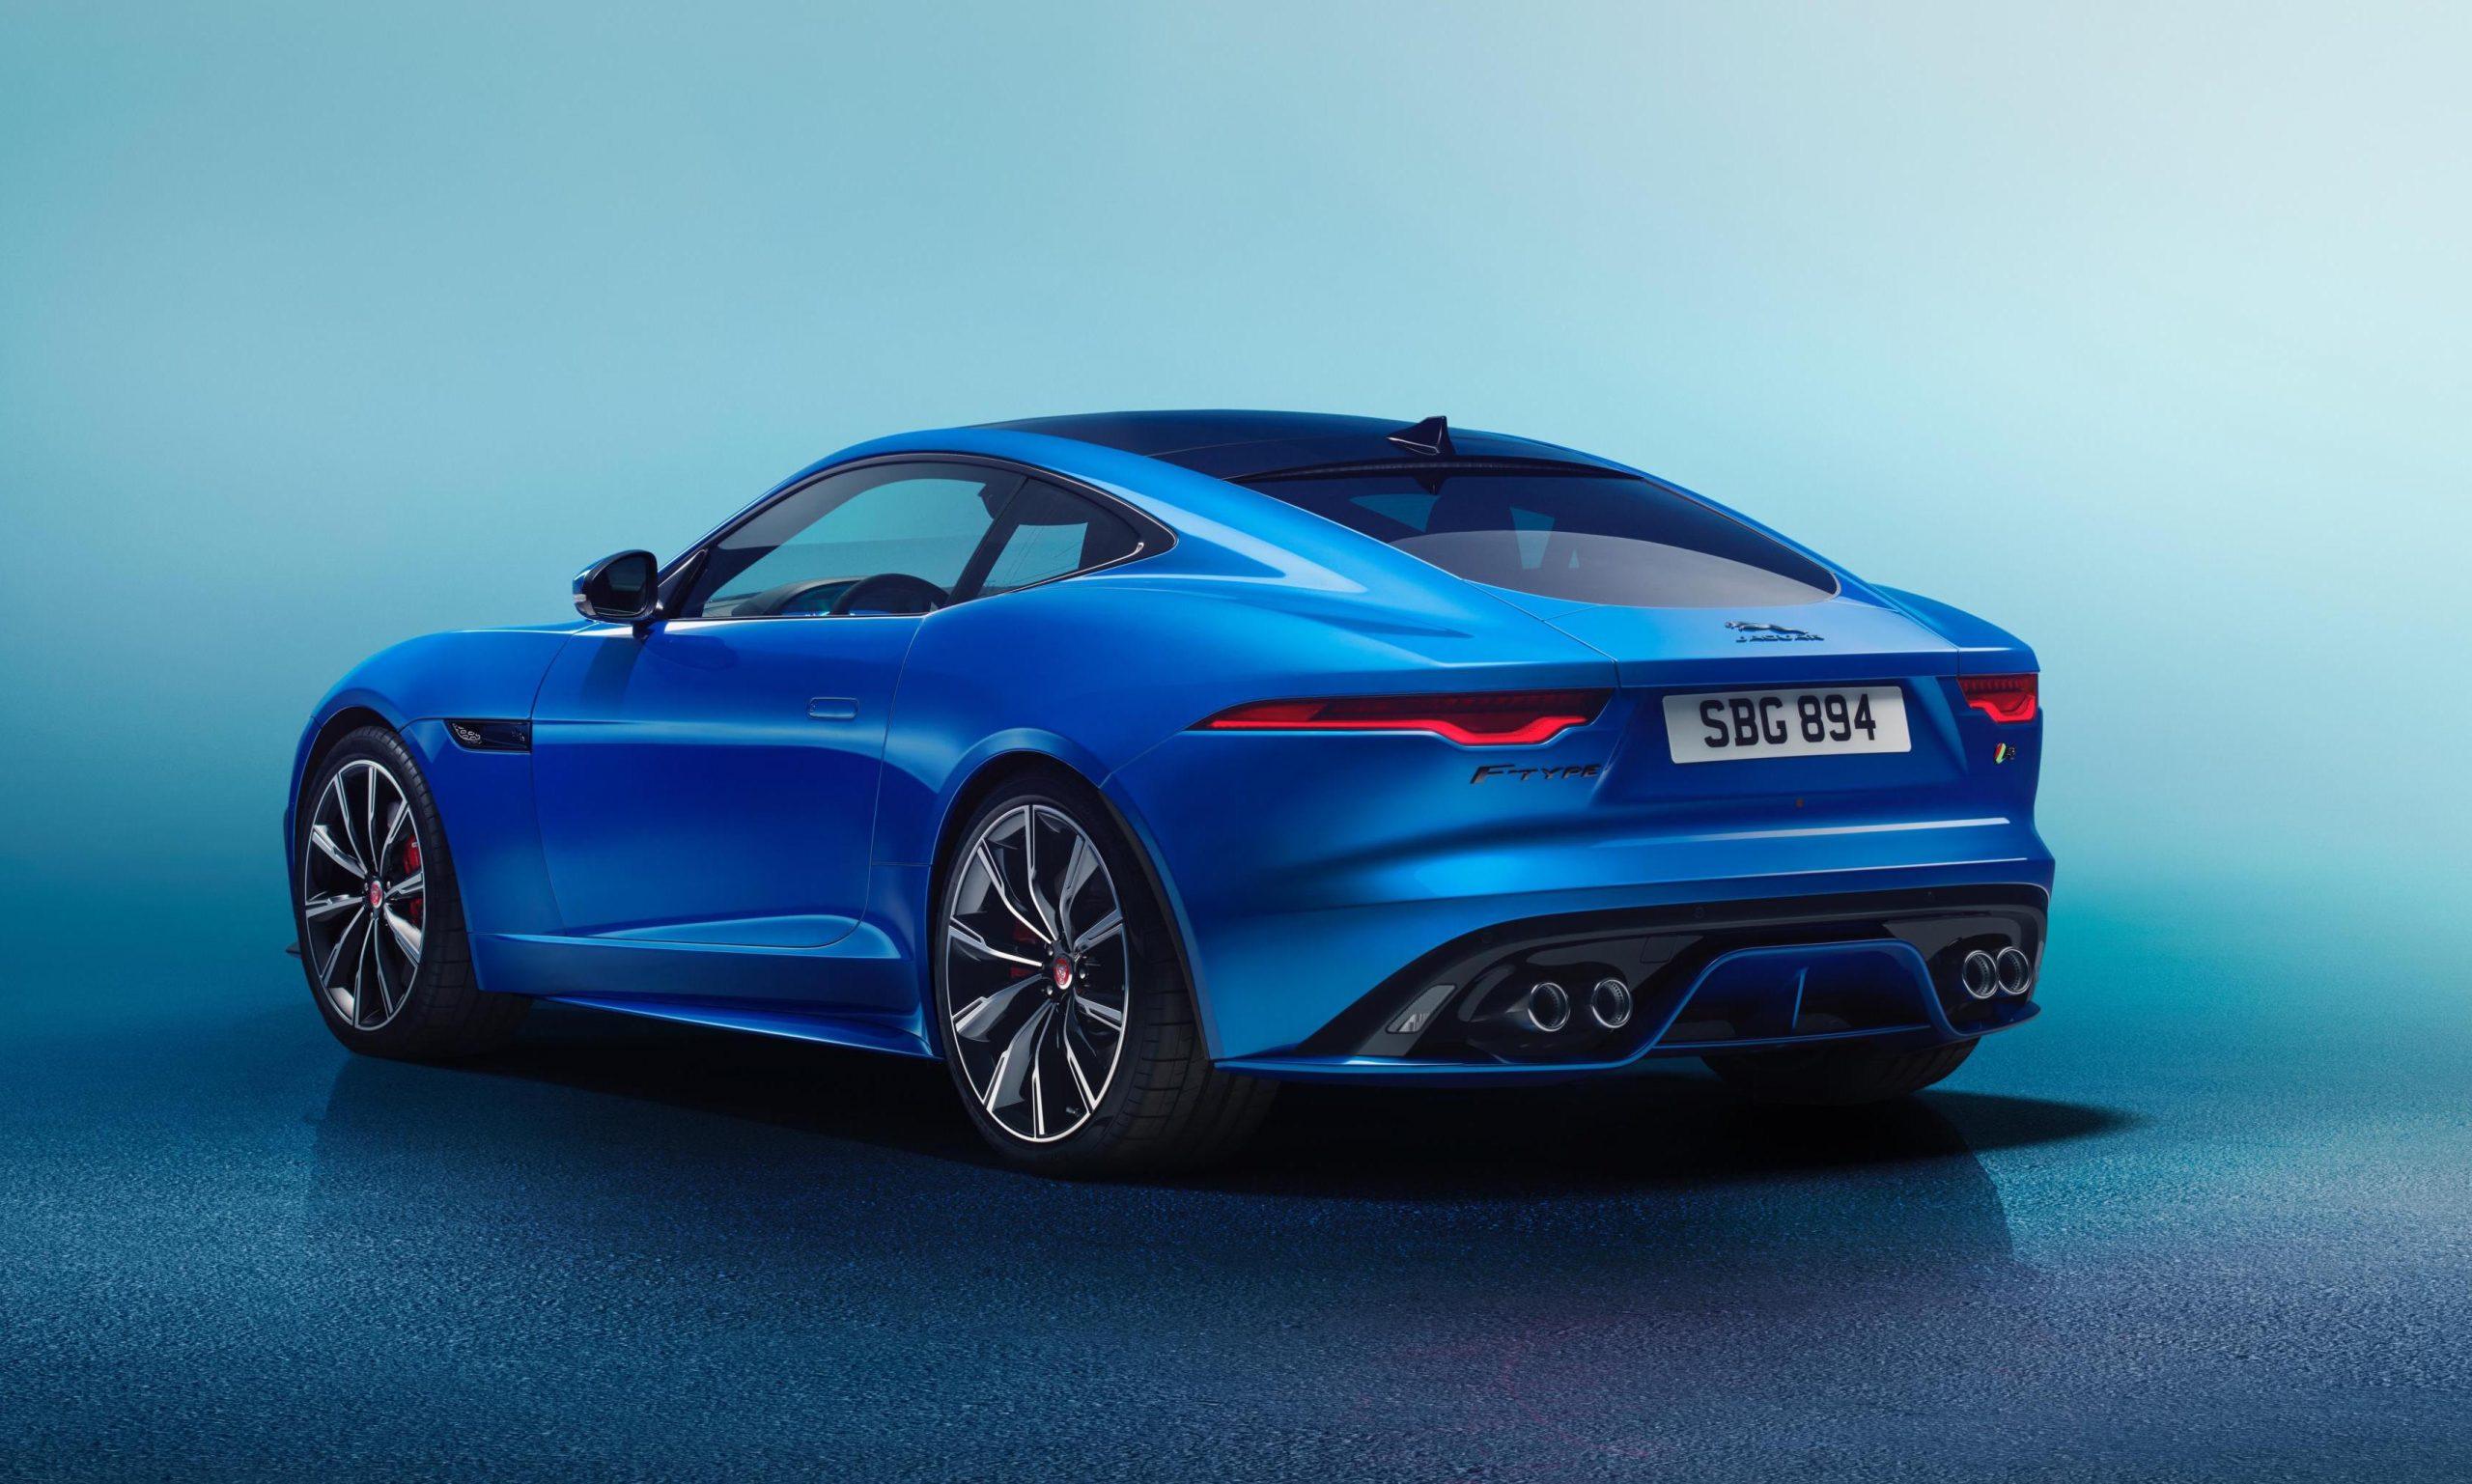 2021 Jaguar F-Type revealed; facelifted design, updated ...